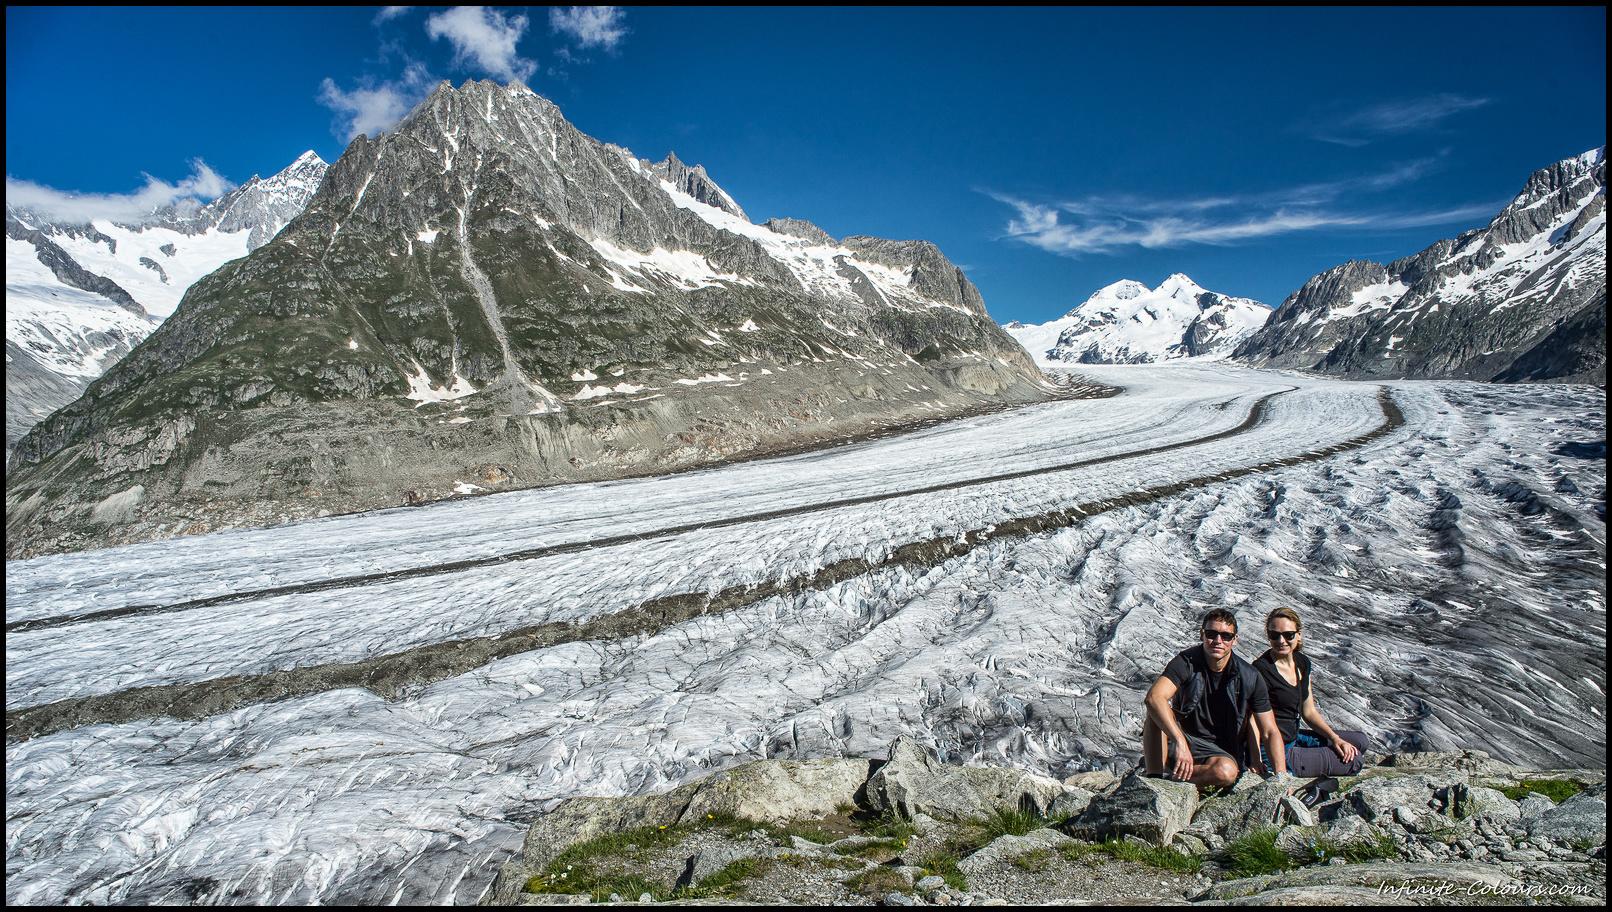 Aletschgletscher viewpoint